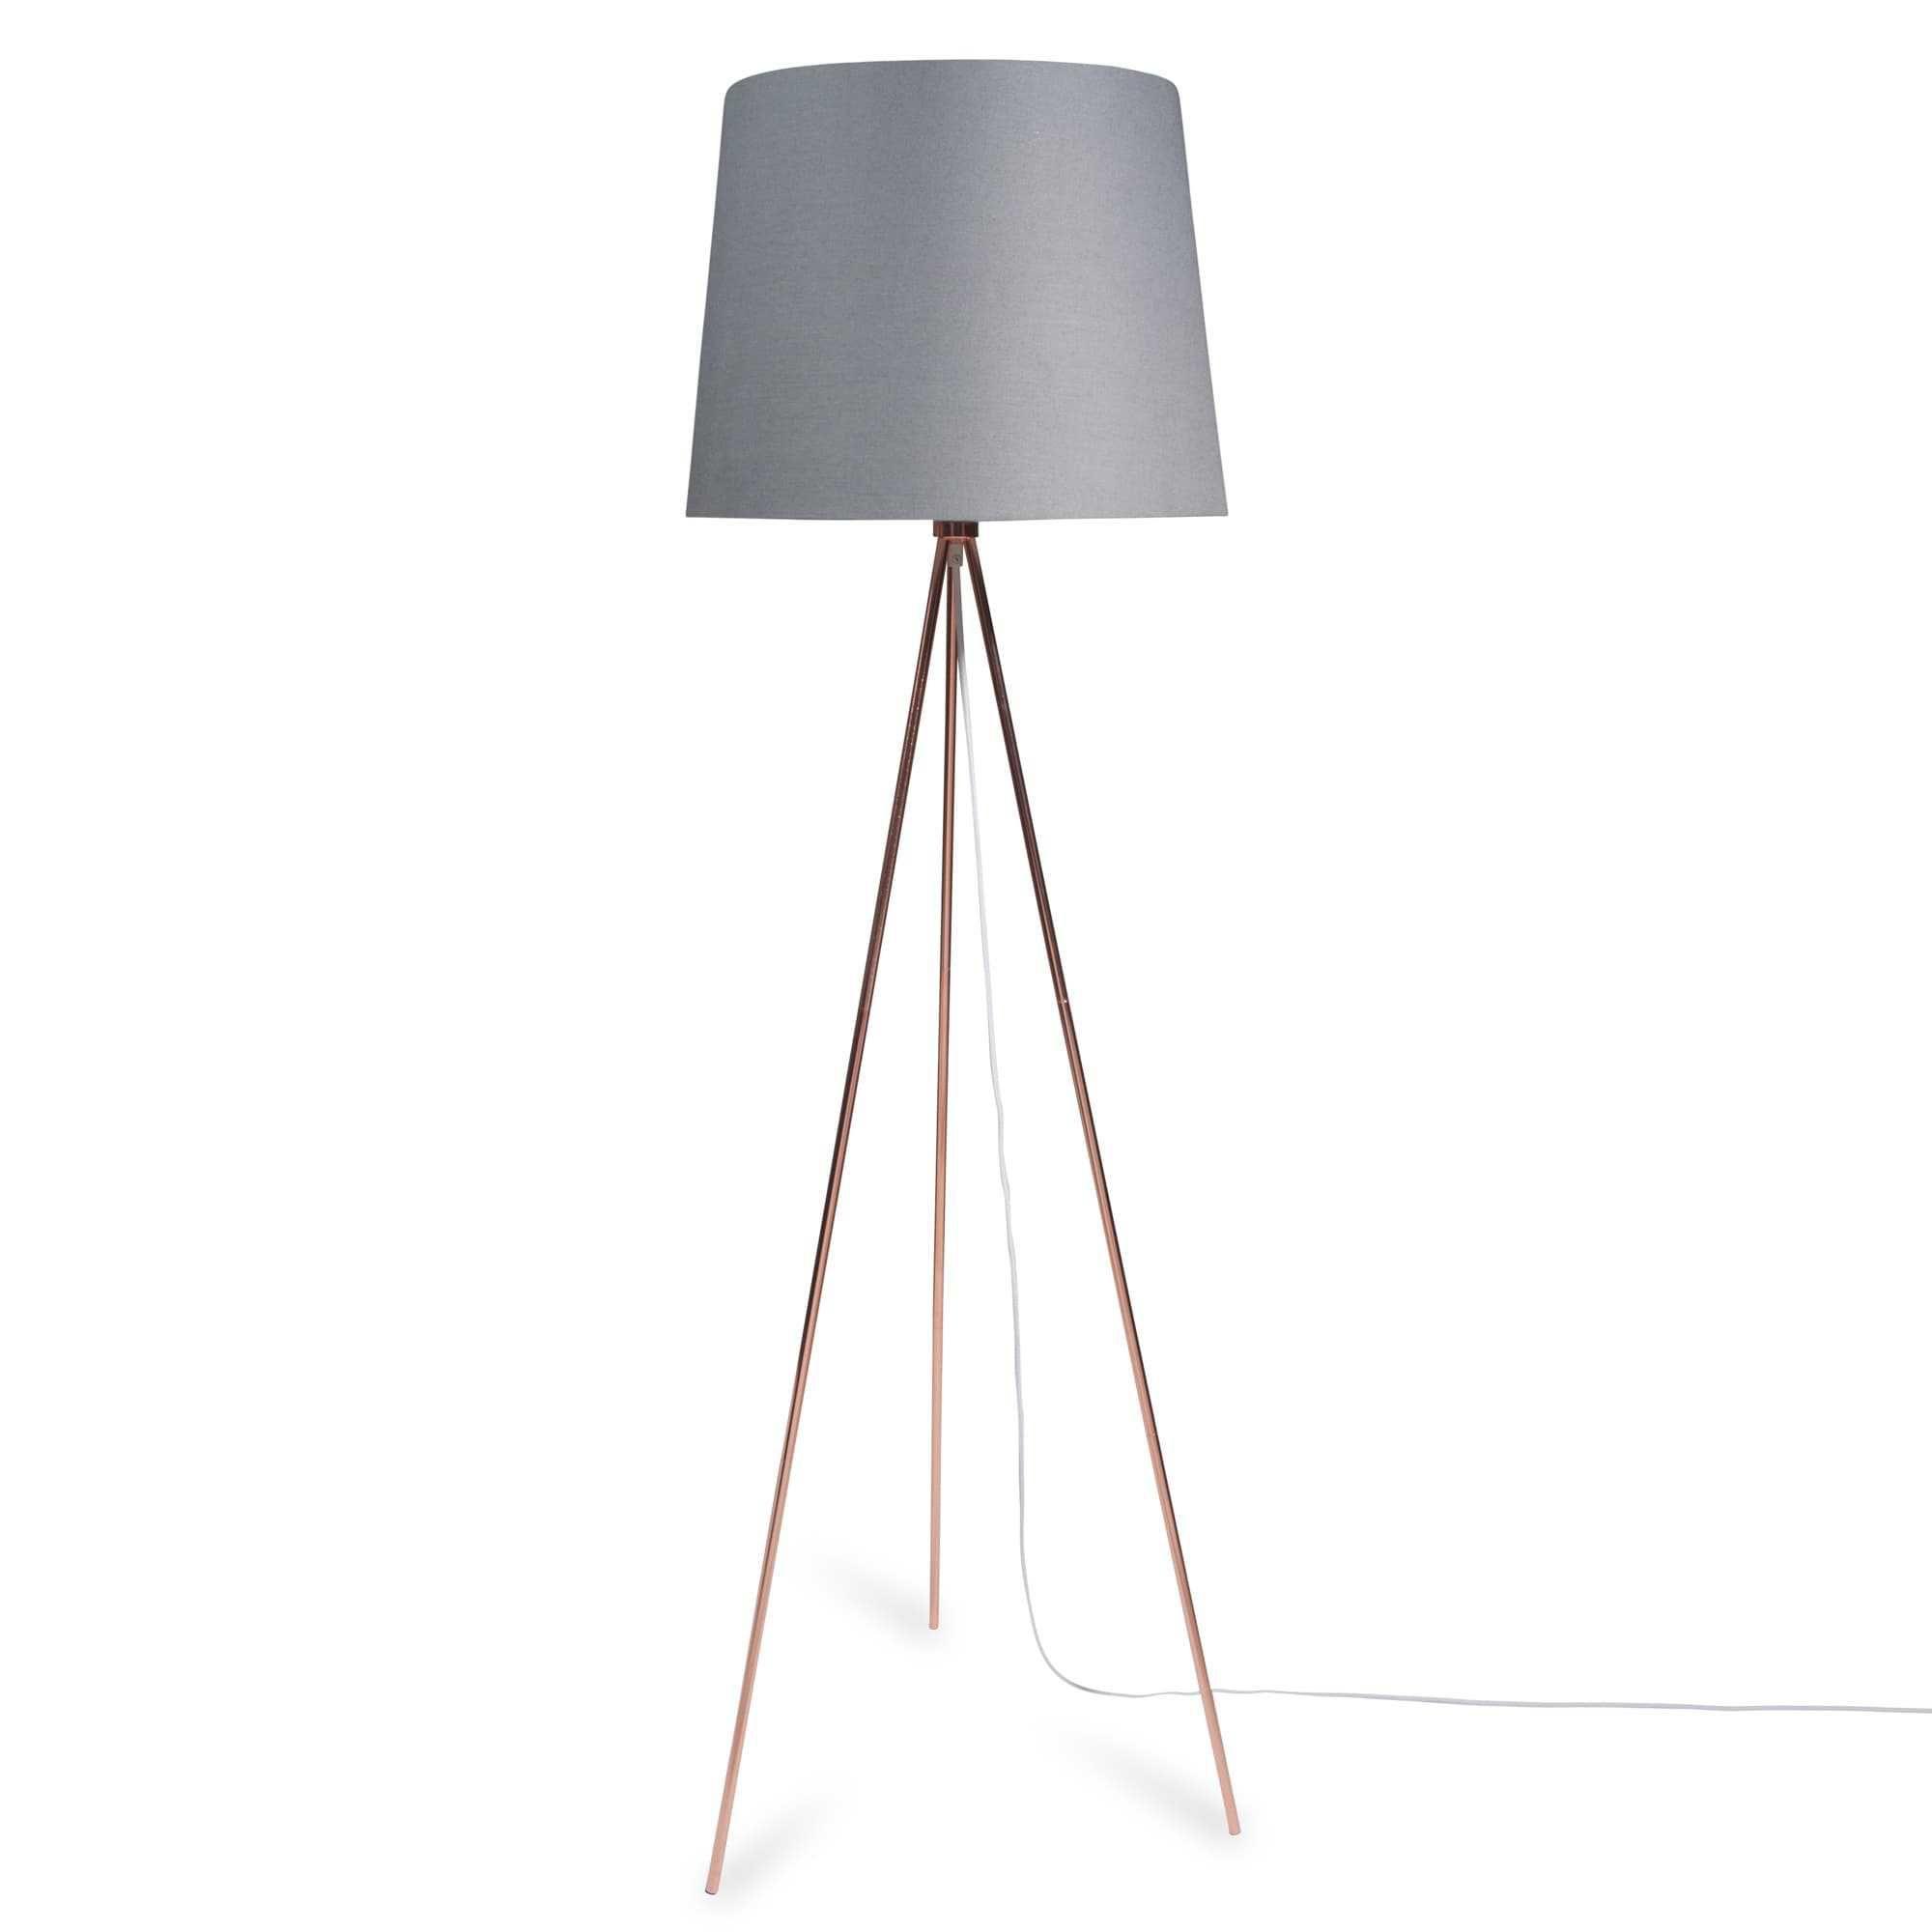 Dreibein Stehlampe Aus Metall Und Grauem Lampenschirm H148